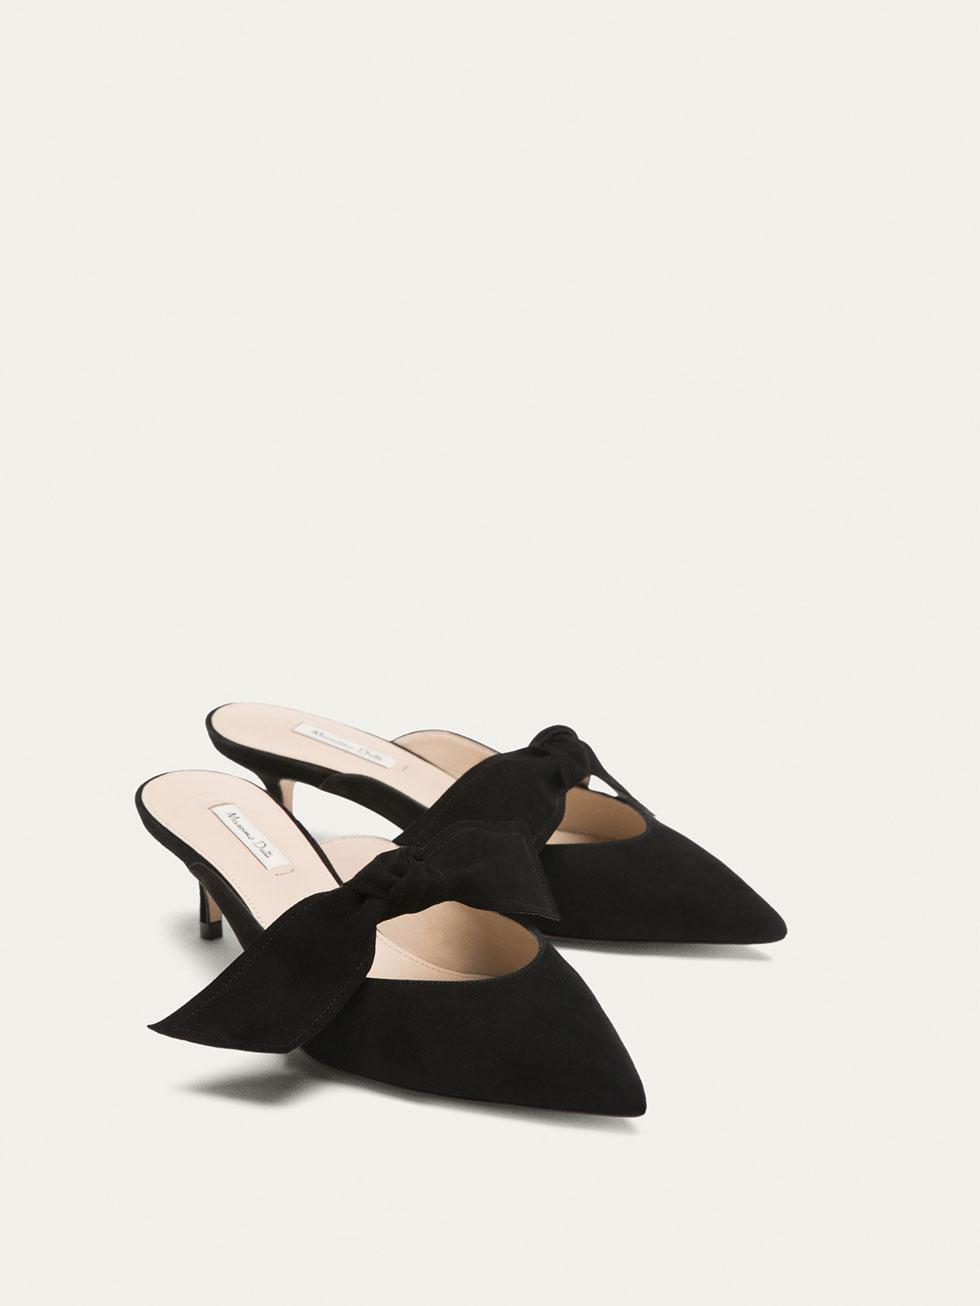 zapato salon mujer